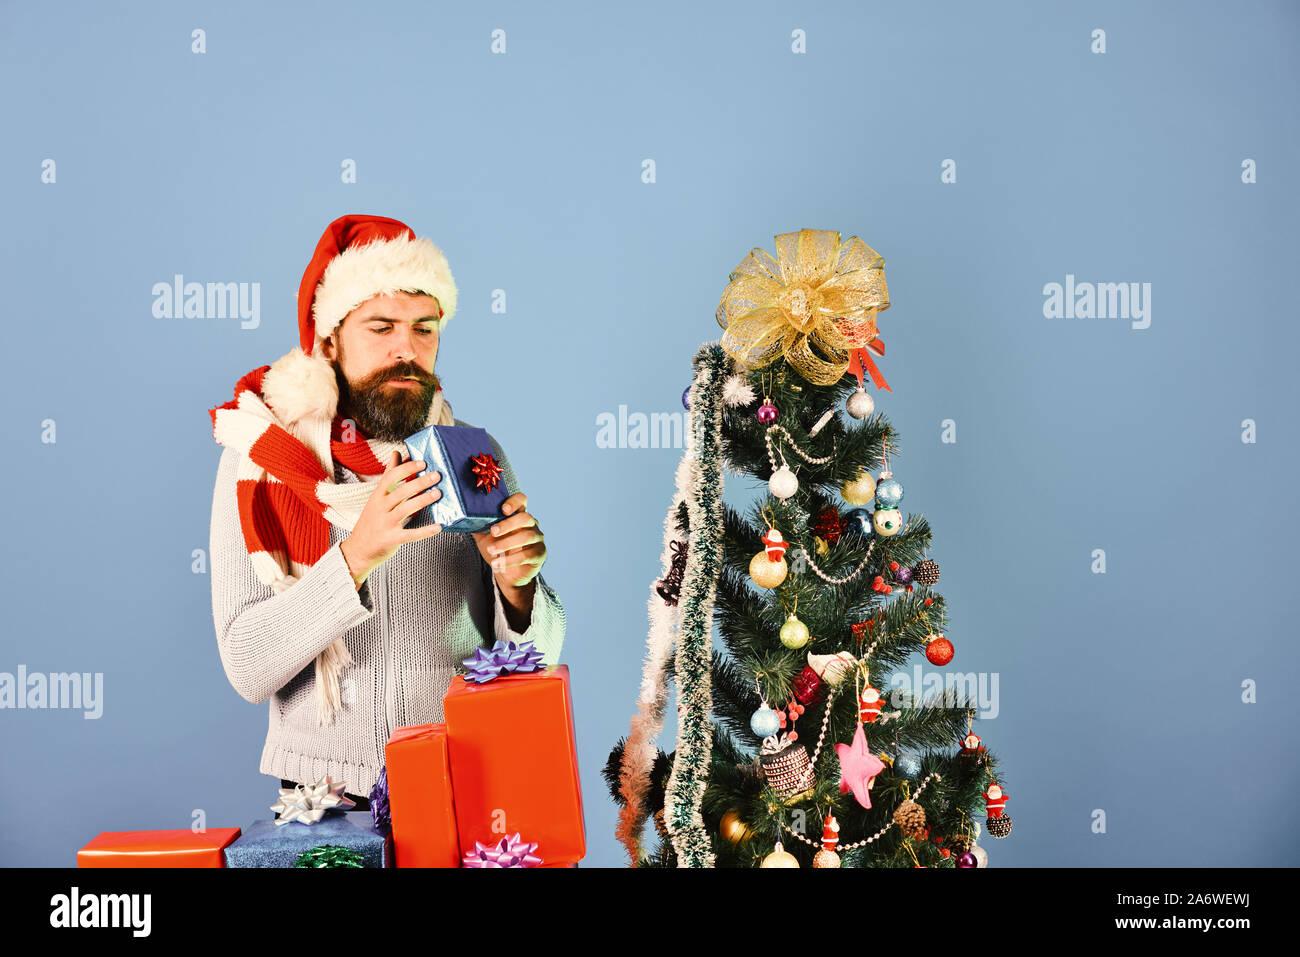 Mann mit Bart und neugierig Gesicht auf blauem Hintergrund. Kerl oder hipster Shopper in Red Hat mit Weihnachten Geschenkboxen. Weihnachten saisonale Rabatte Konzept. Santa öffnet Blau in der Nähe von geschmückten Baum Stockfoto